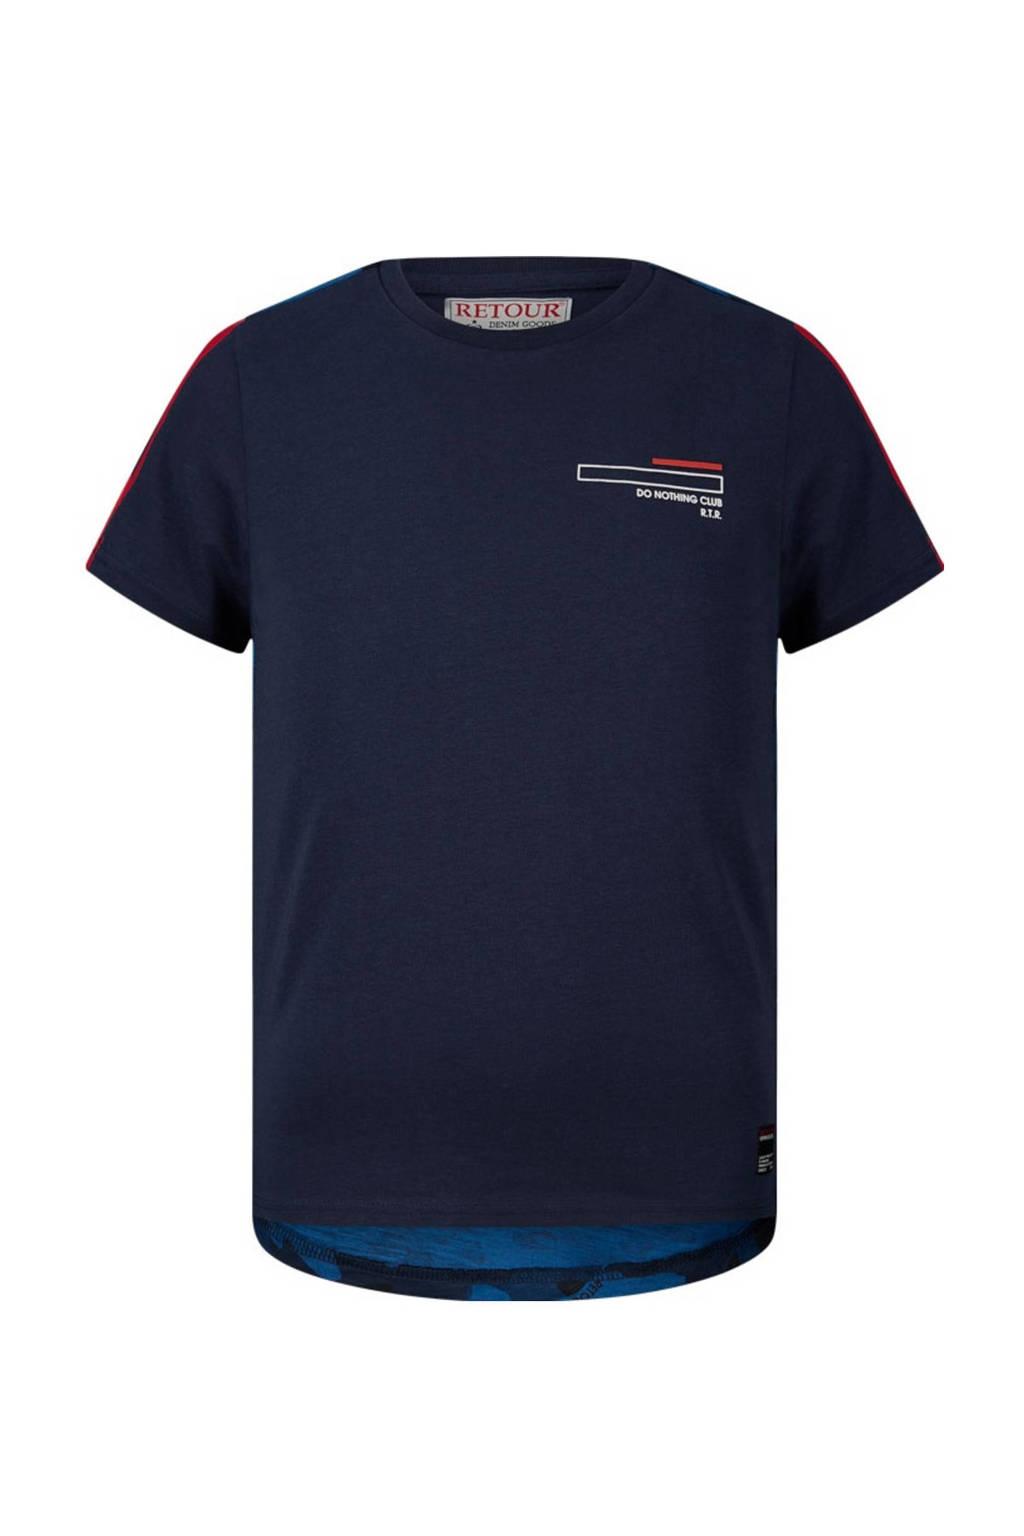 Retour Denim T-shirt Rafael met contrastbies donkerblauw/blauw/rood, Donkerblauw/blauw/rood